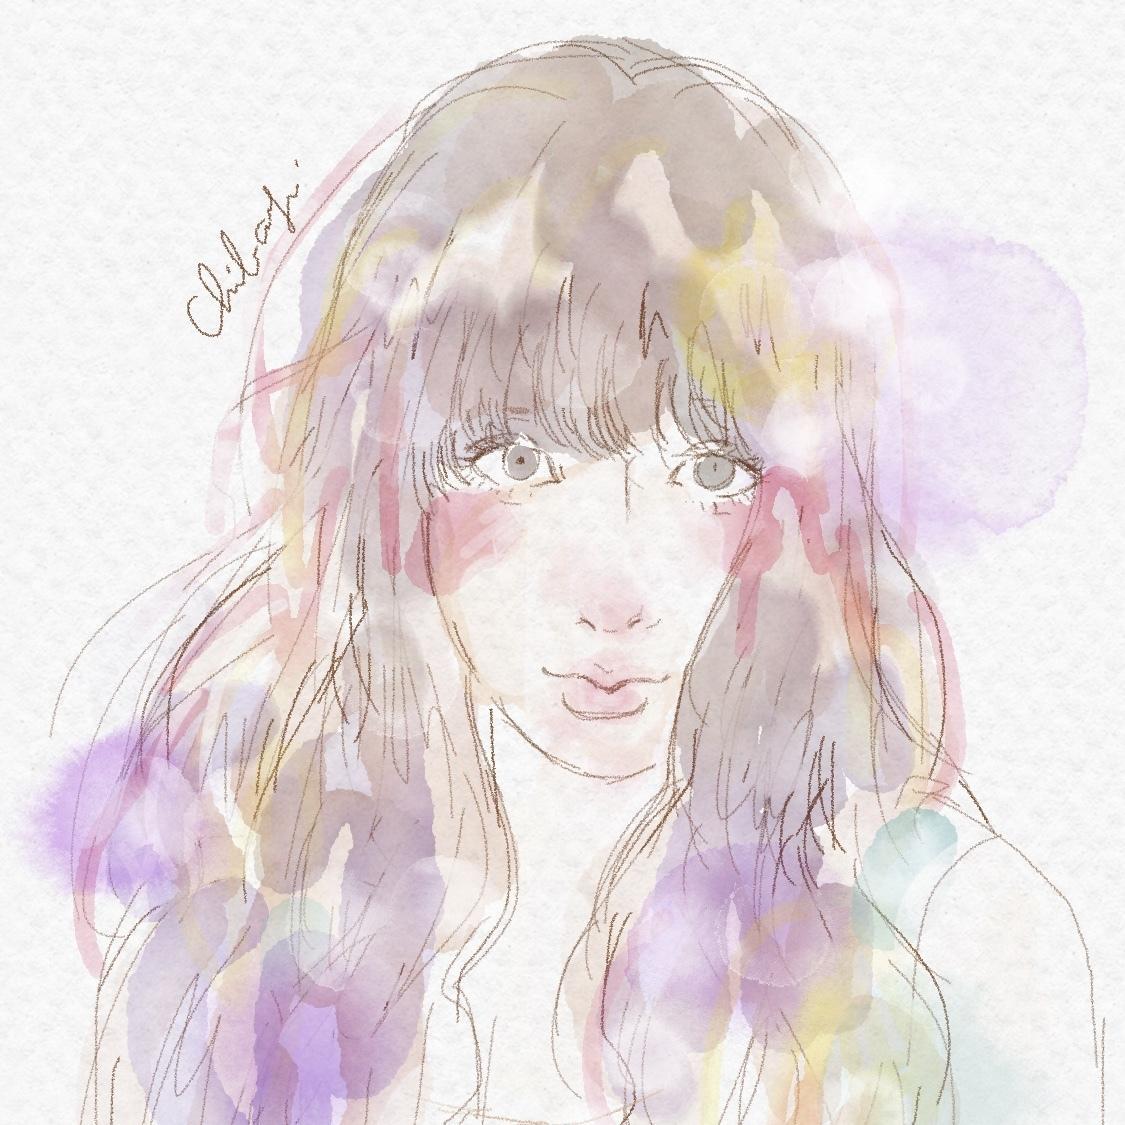 お写真をもとに!繊細な水彩似顔絵アイコン描きます 透明感が目を引きます!SNS、ブログ、名刺などにぜひ!